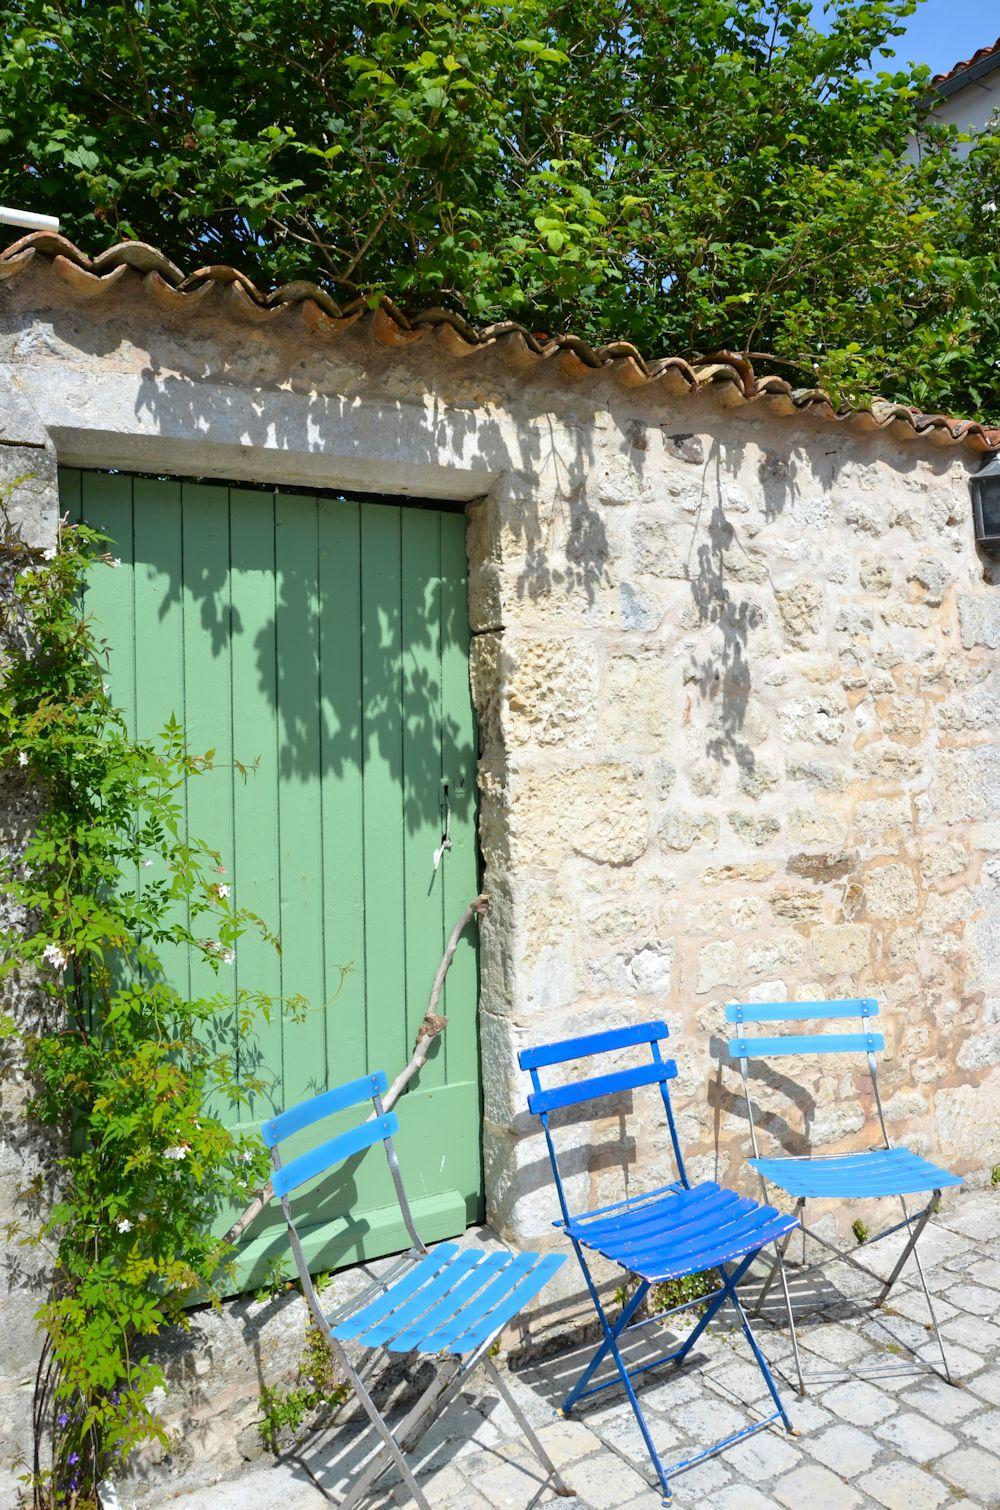 Vacances en Charente-Maritime, mes bonnes adresses